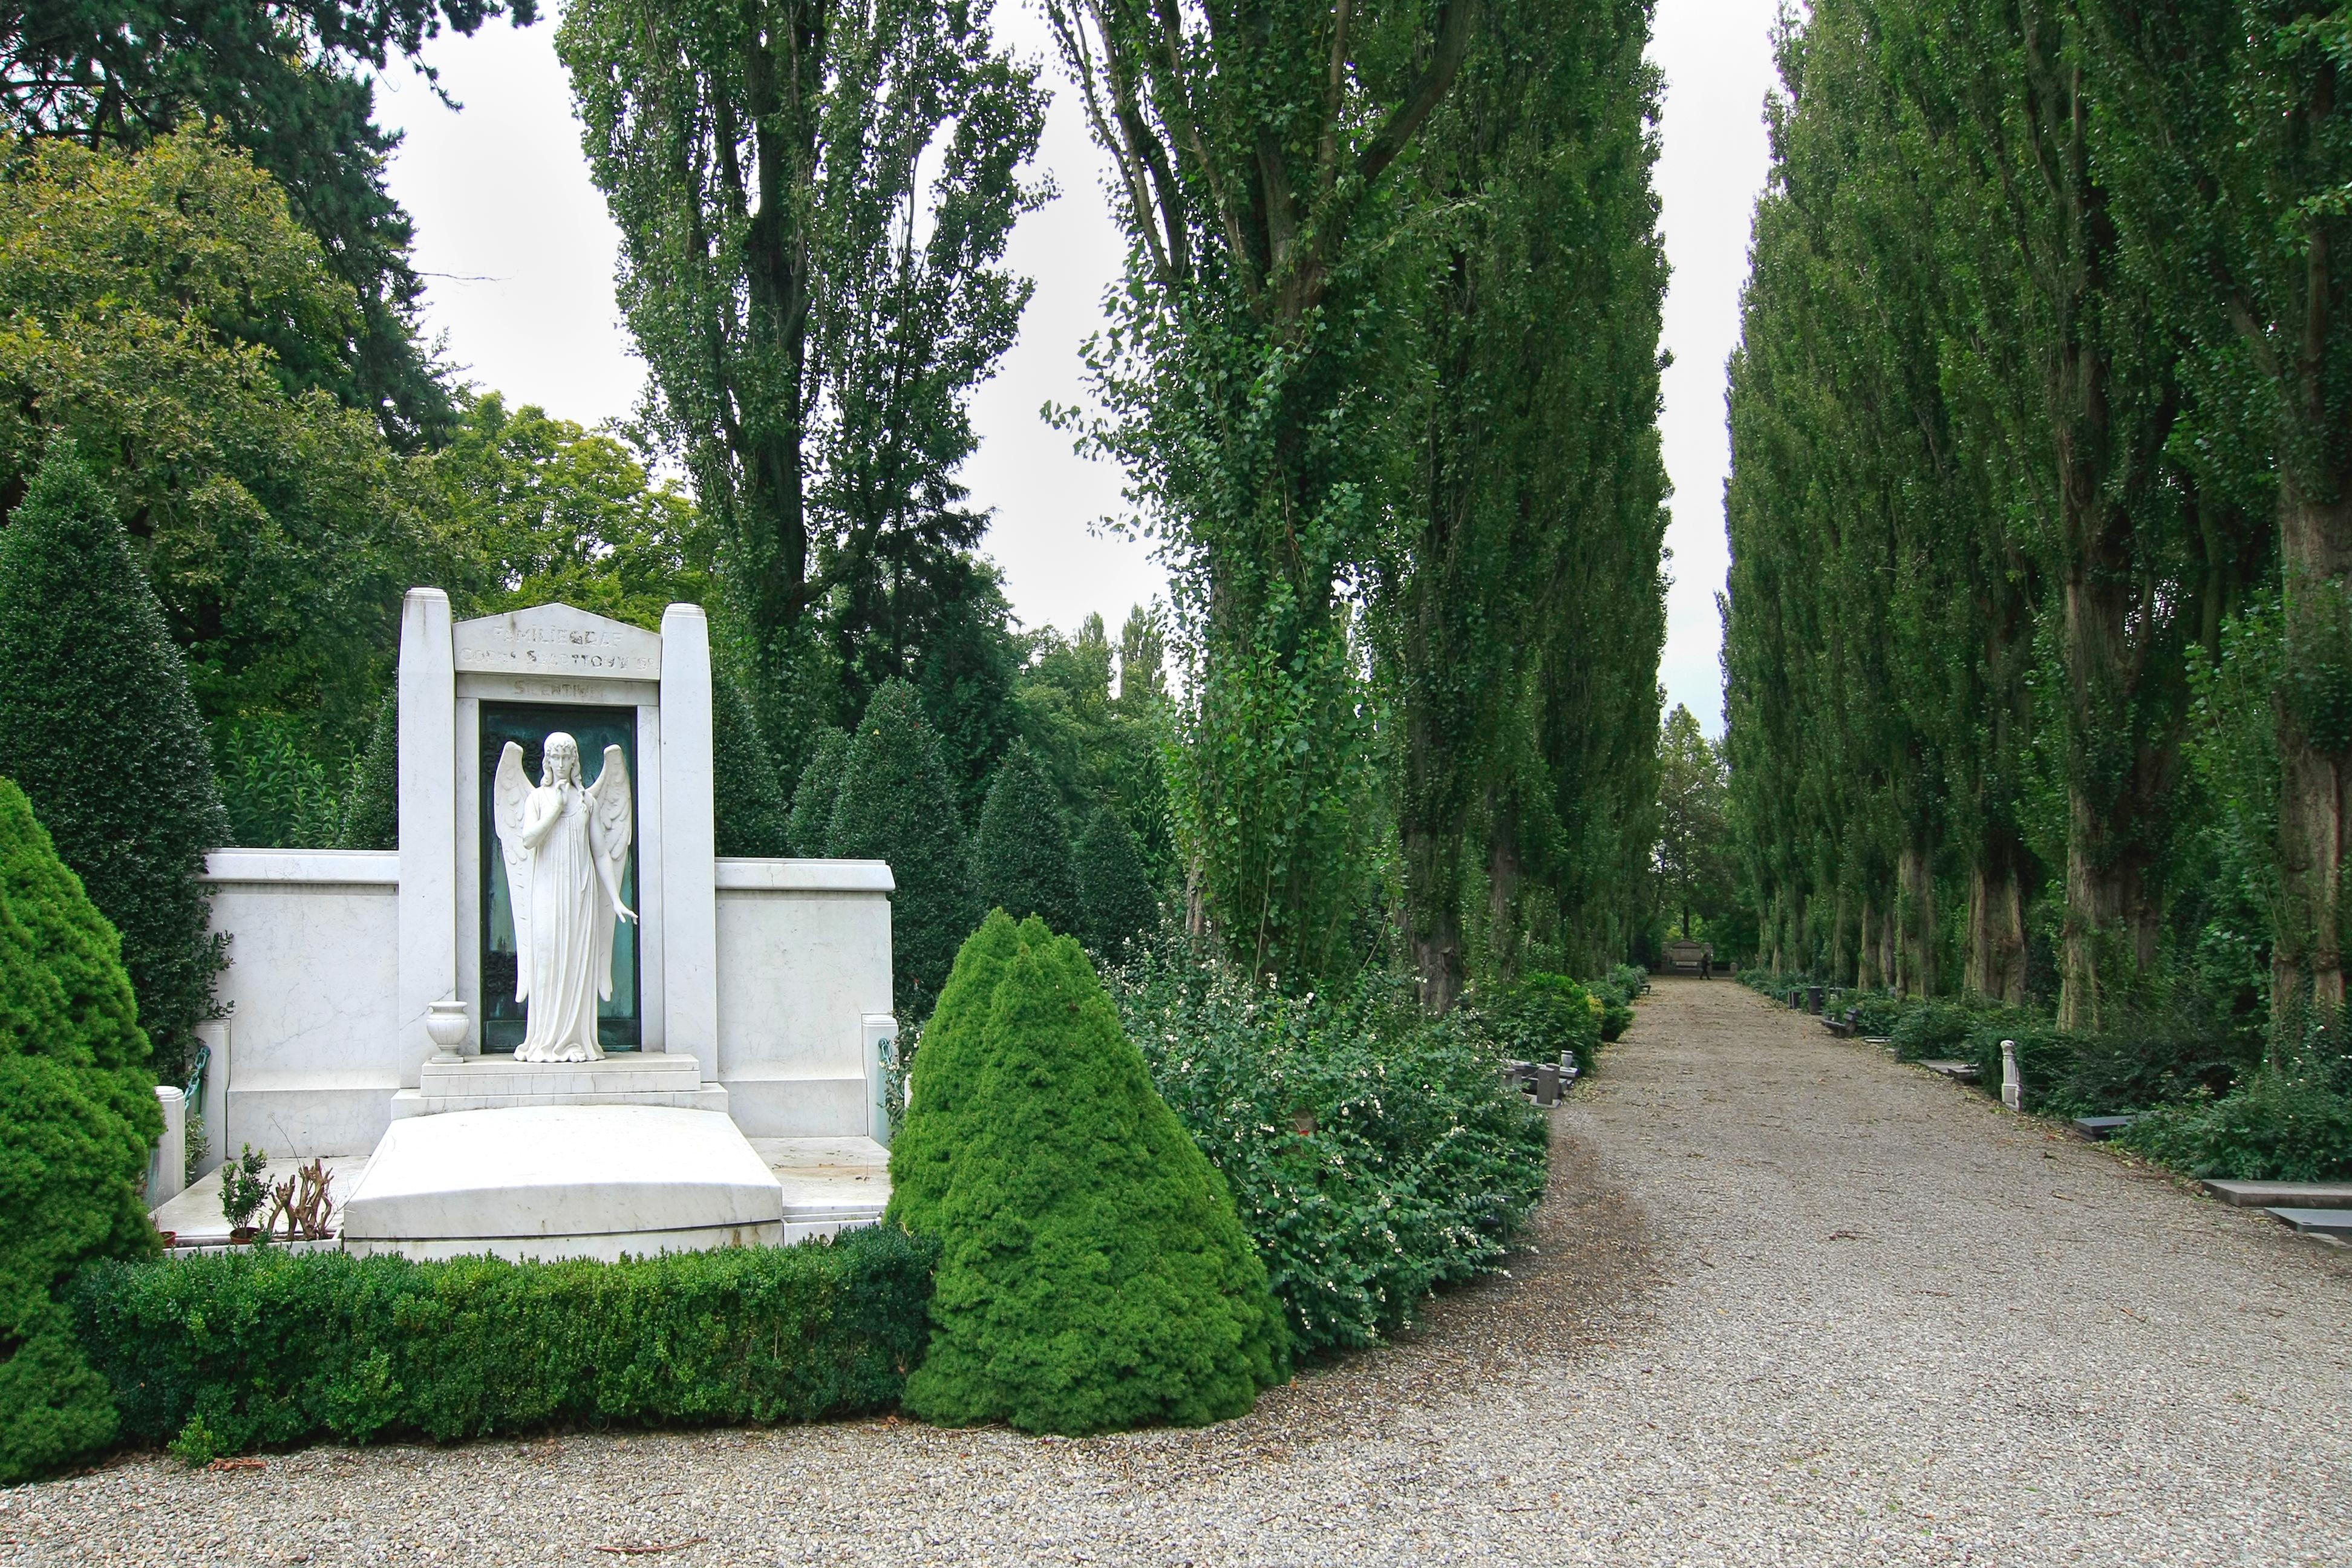 Algemene begraafplaats crooswijk parkaanleg in rotterdam for Rotterdam crooswijk